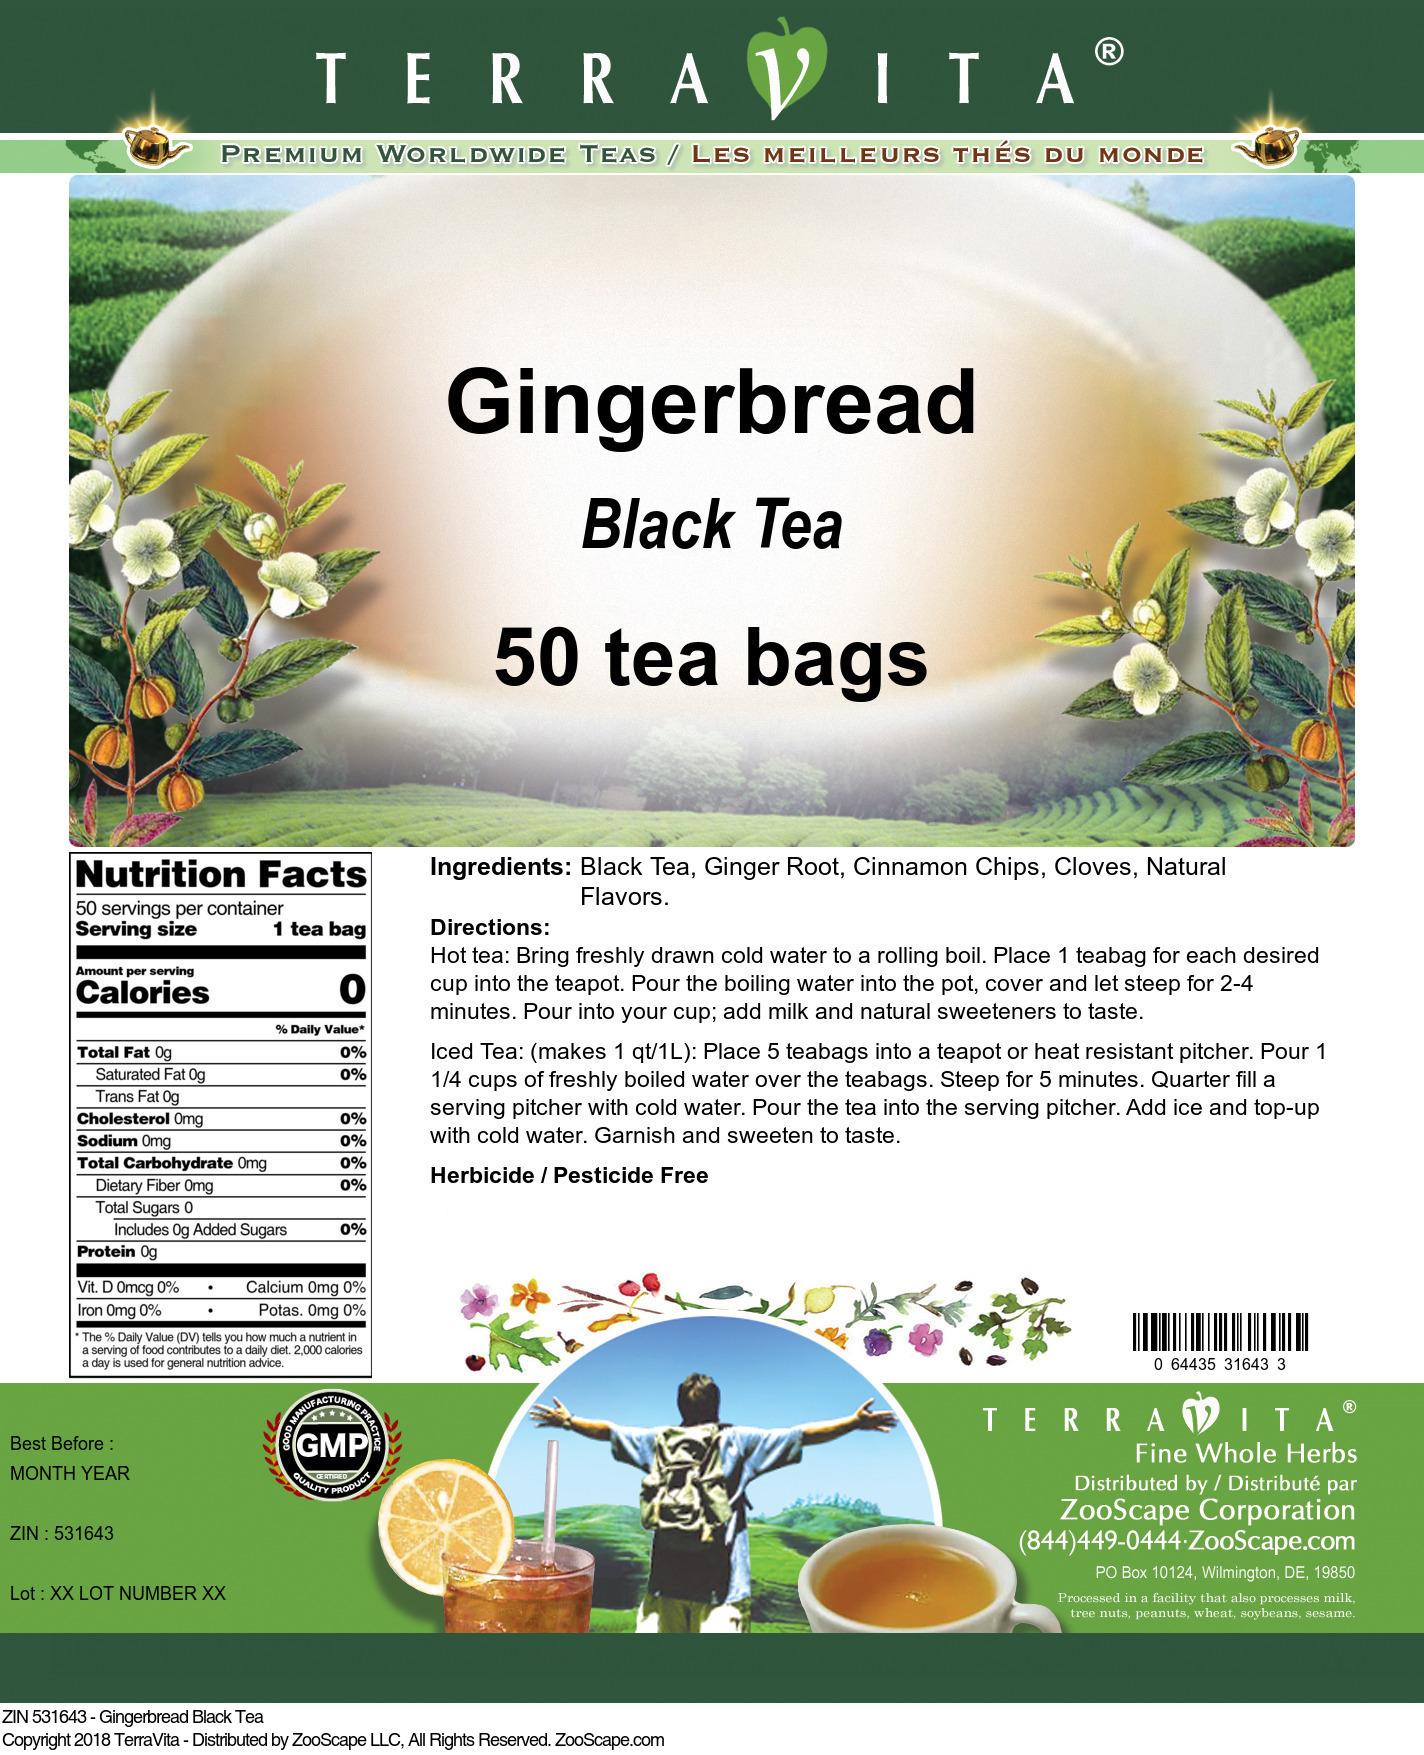 Gingerbread Black Tea